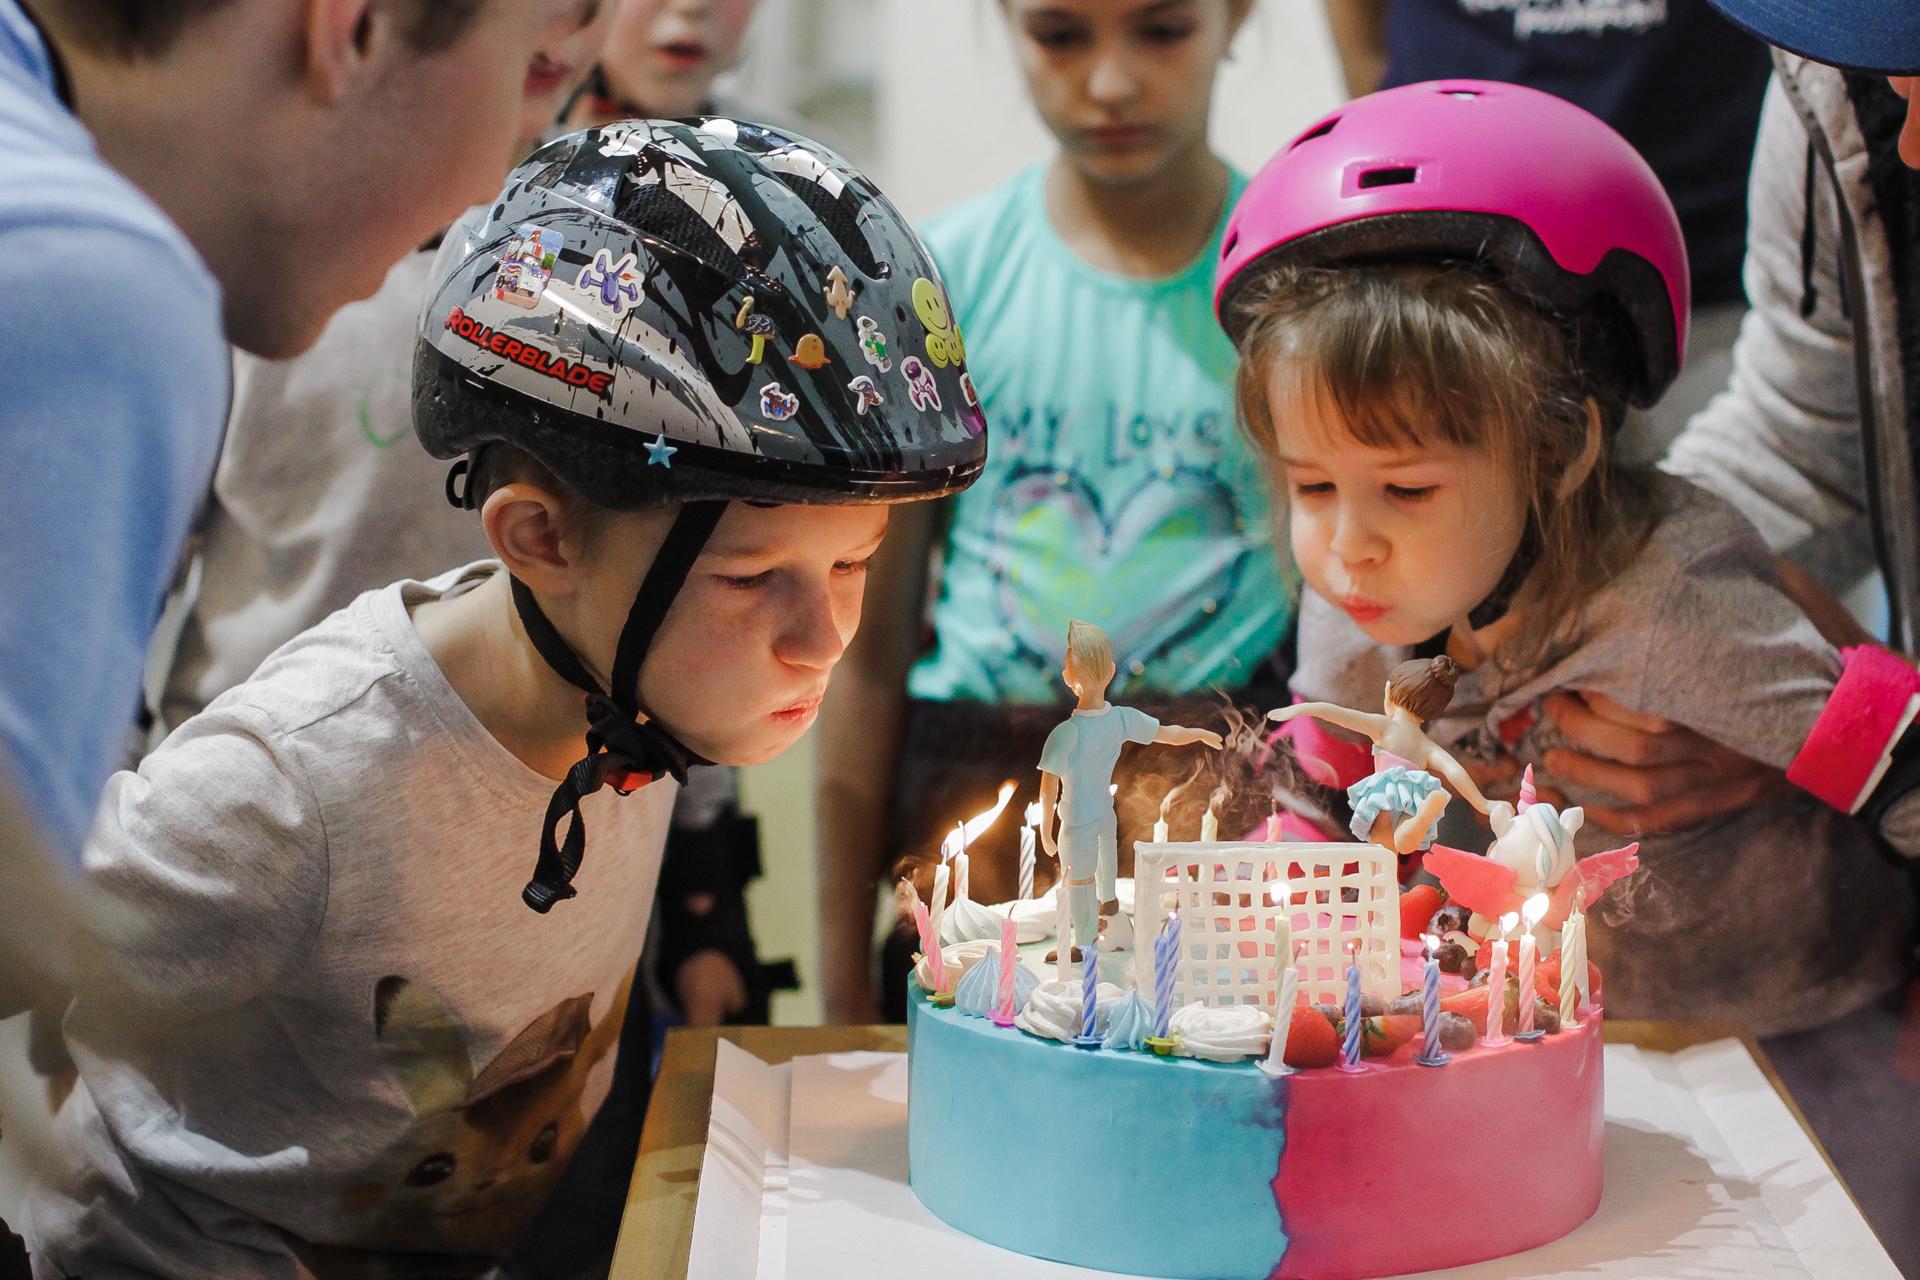 День рождения ребенка в Санкт-Петербурге